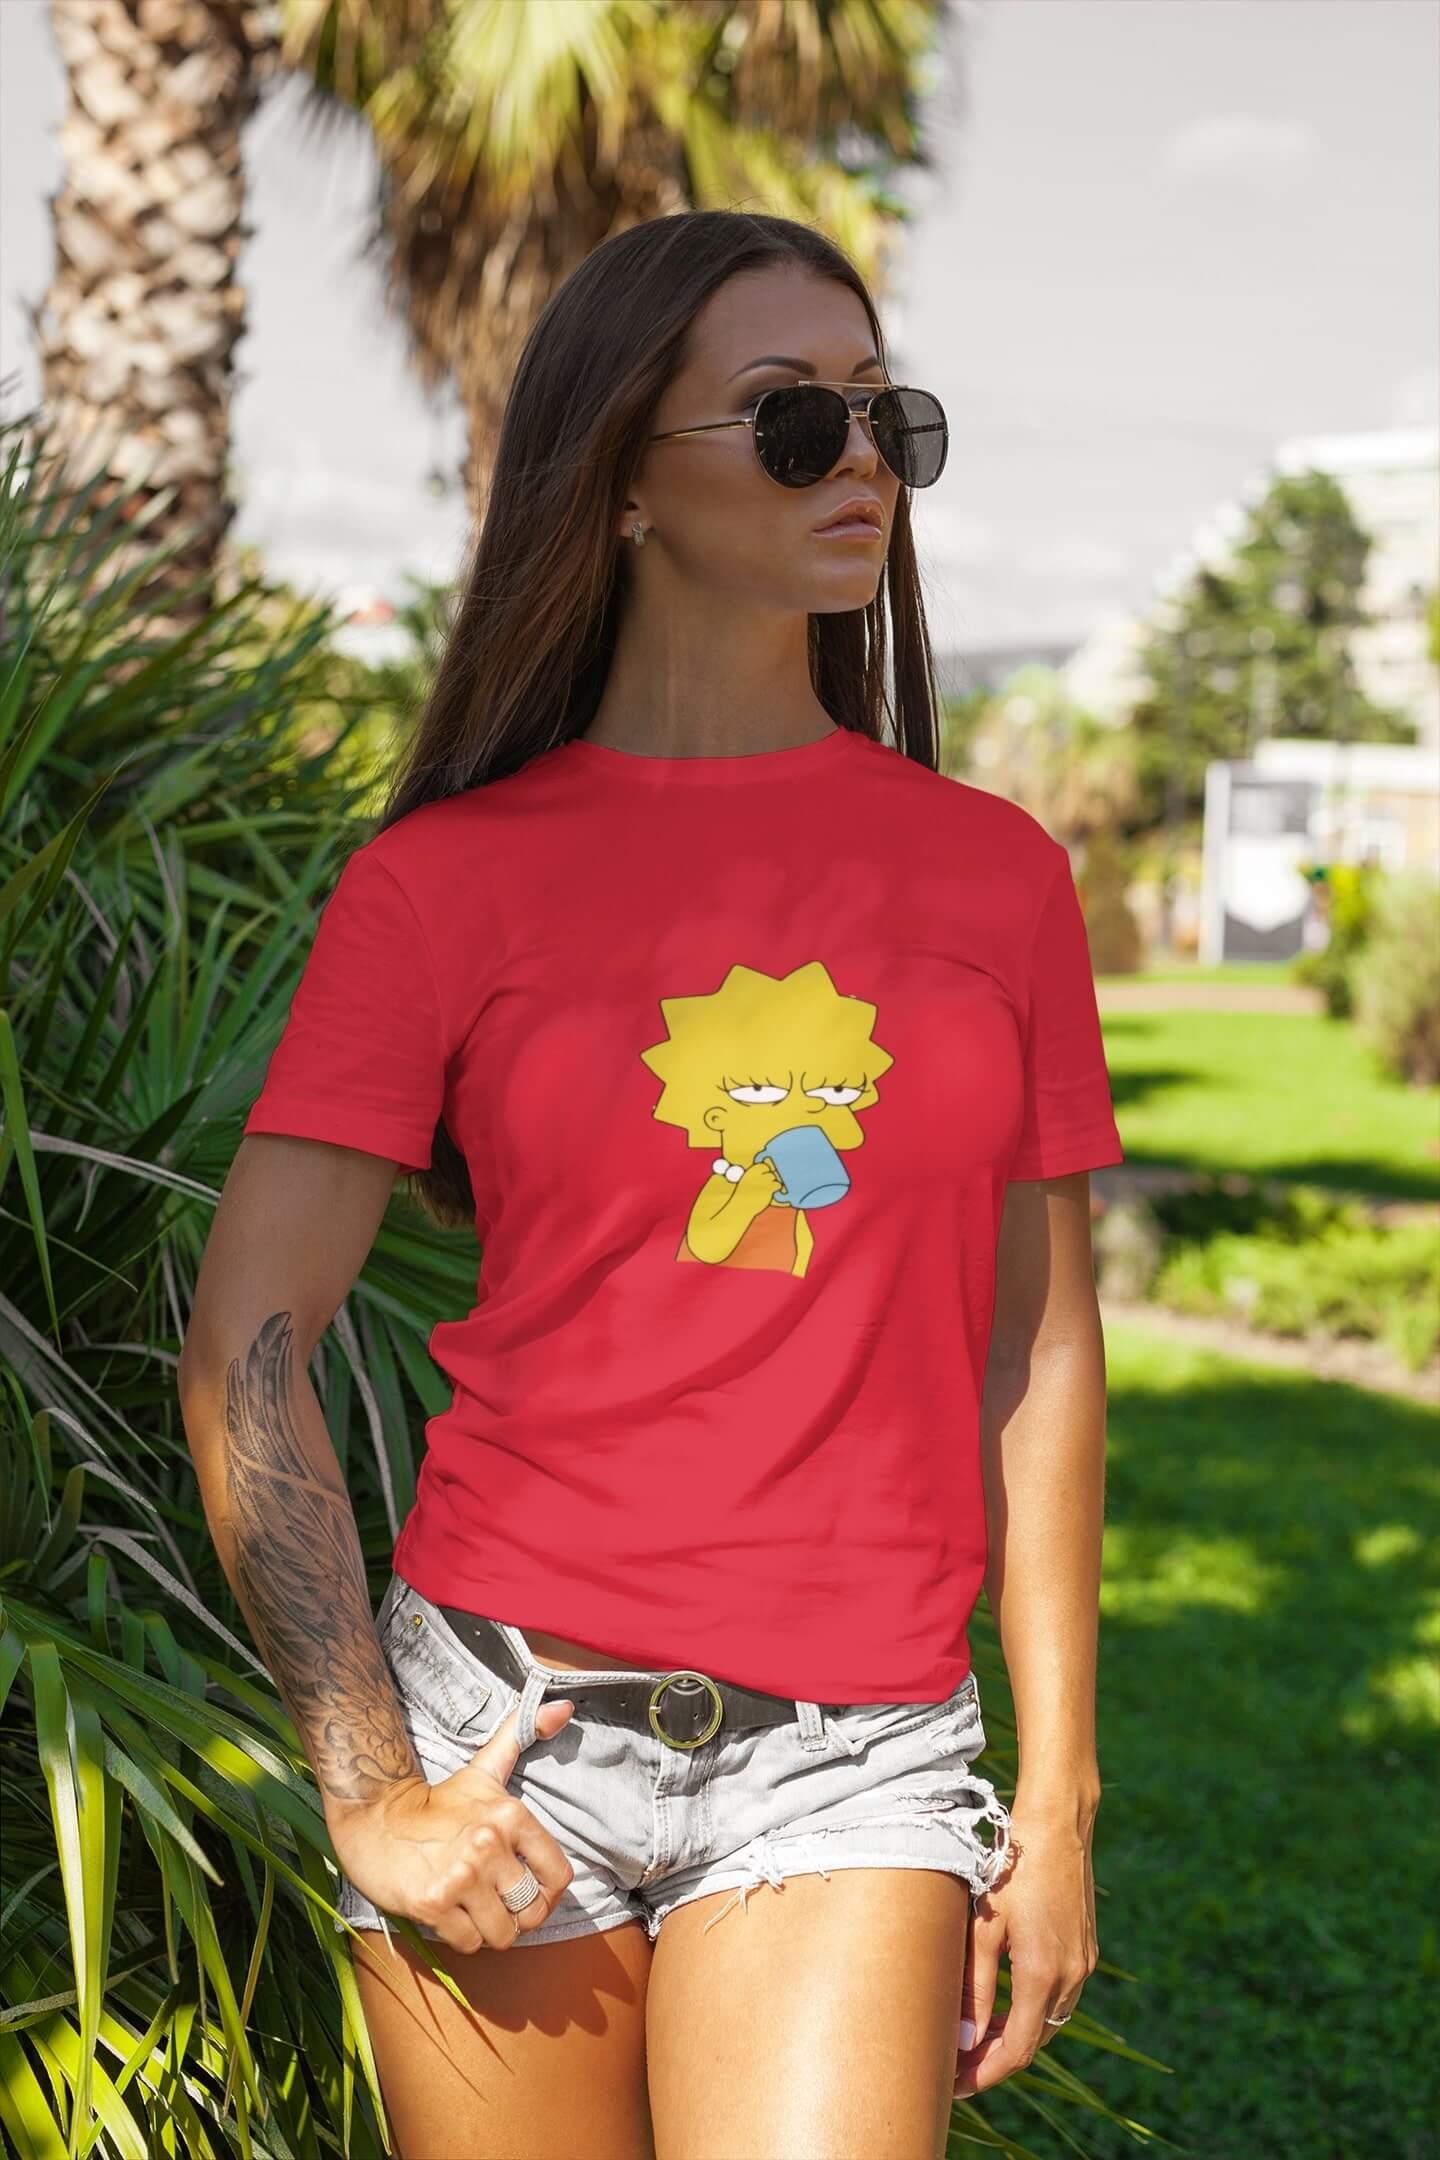 MMO Dámske tričko Lisa Vyberte farbu: Červená, Dámska veľkosť: M